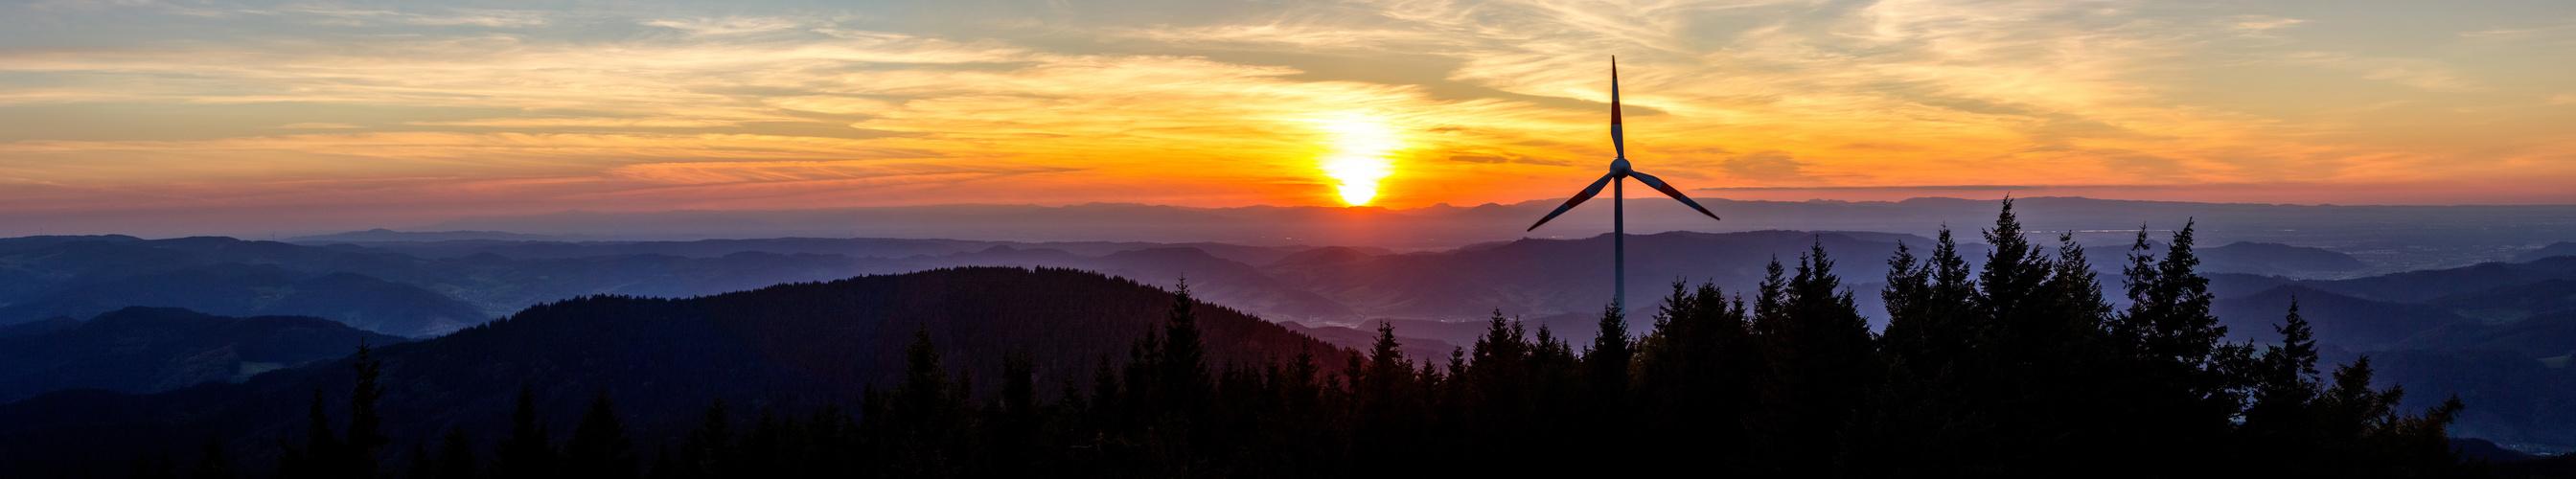 Sonnenuntergang auf dem Brandenkopf (Schwarzwald)